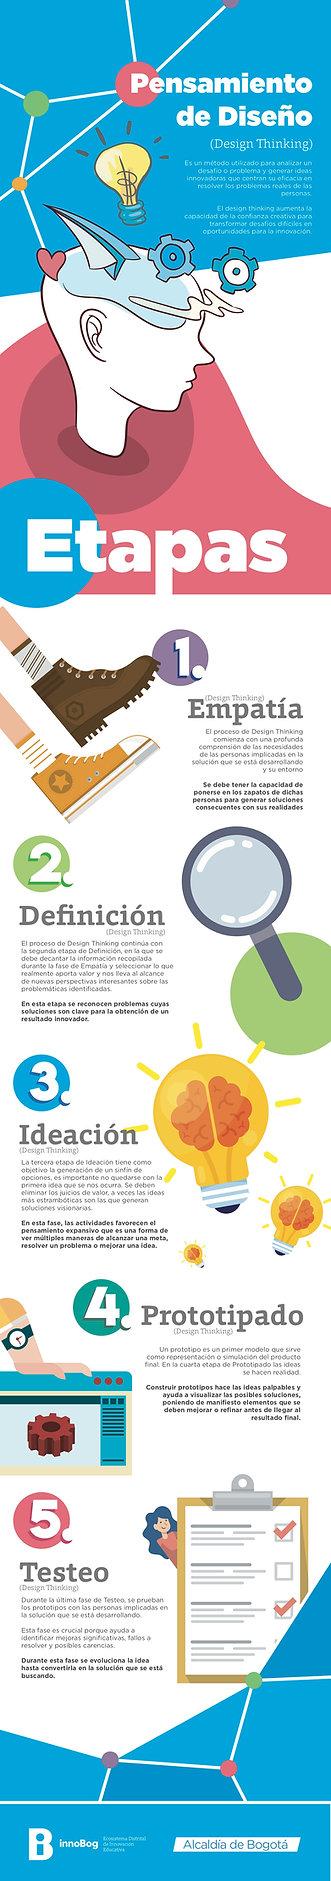 Infografia_cmie_2019_Pensamiento_de_Dise